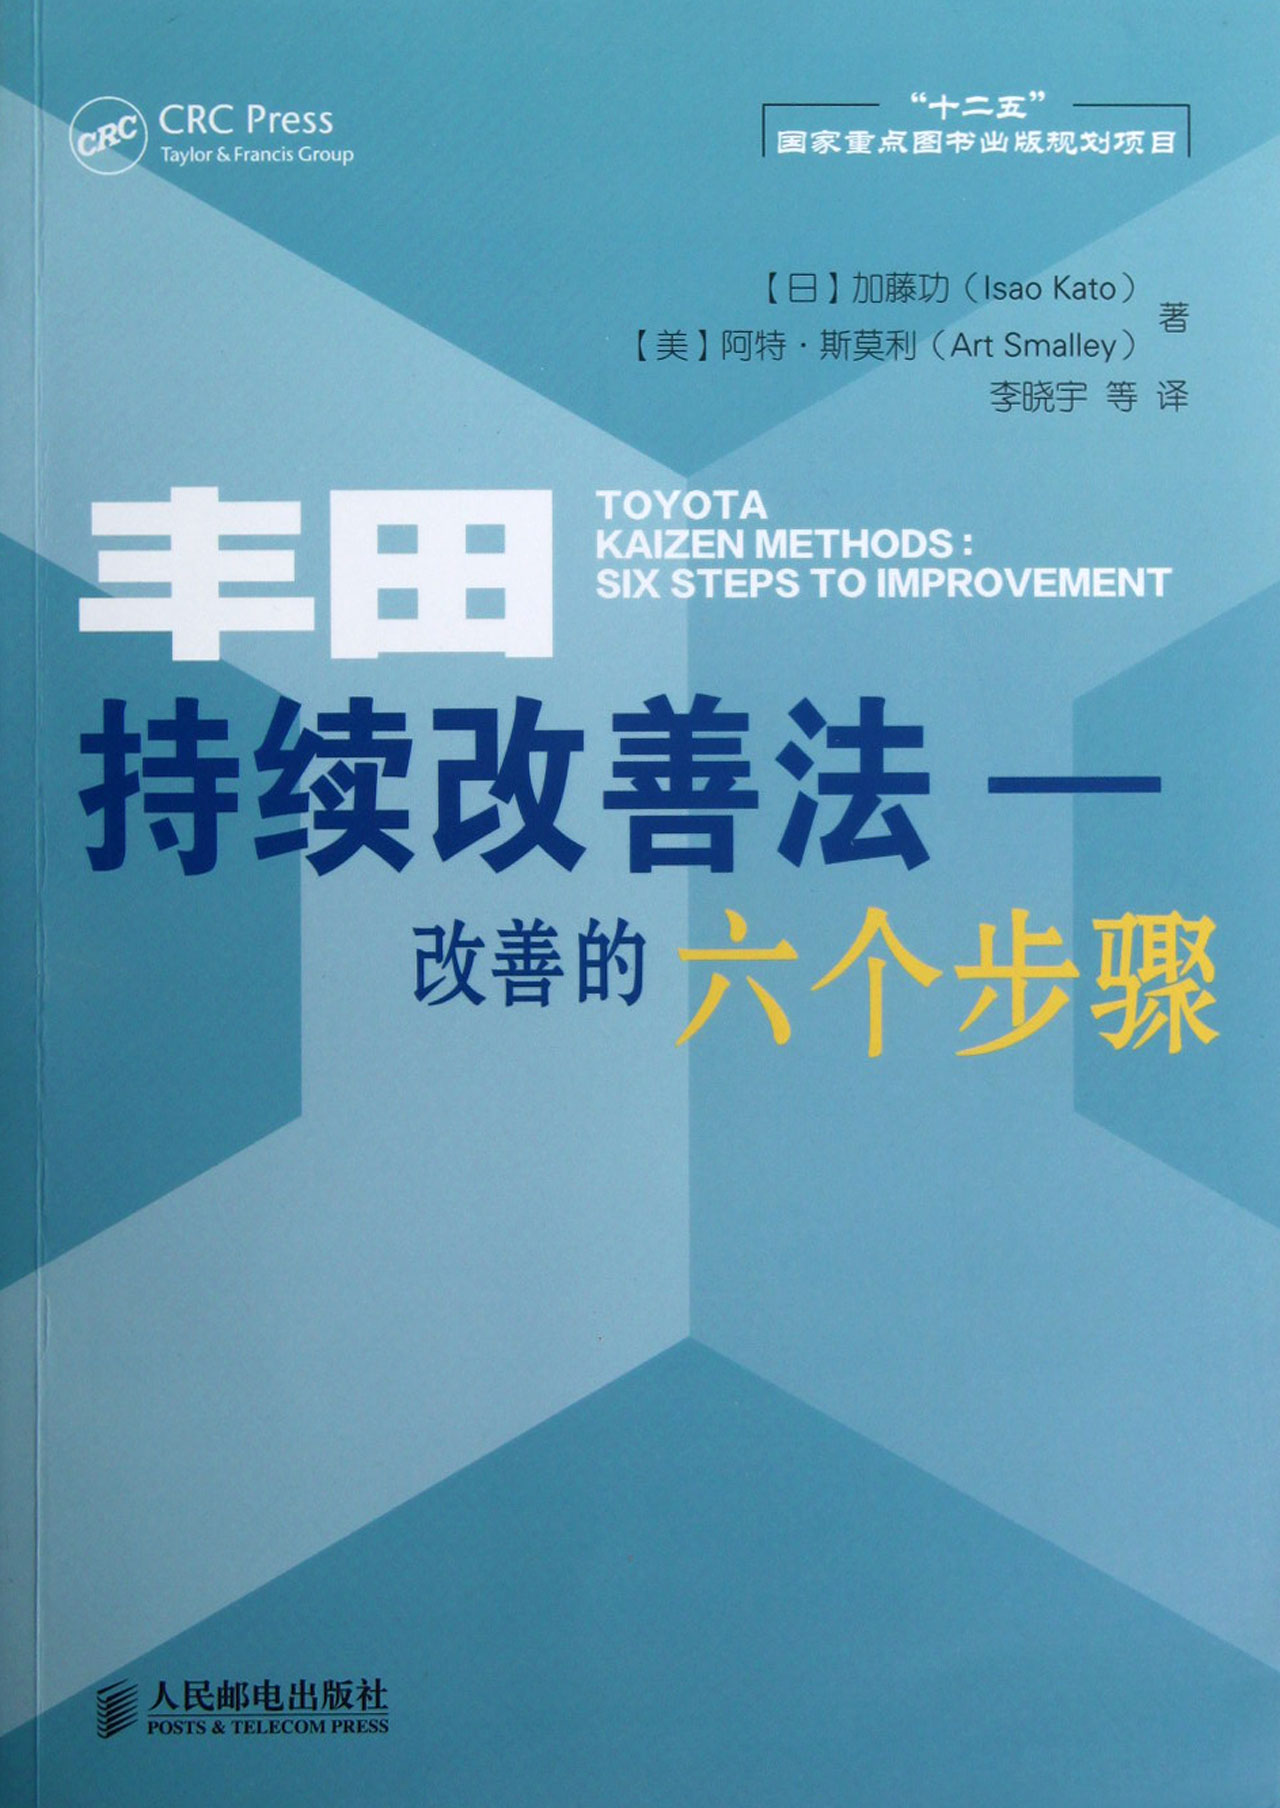 丰田持续改善法--改善的六个步骤